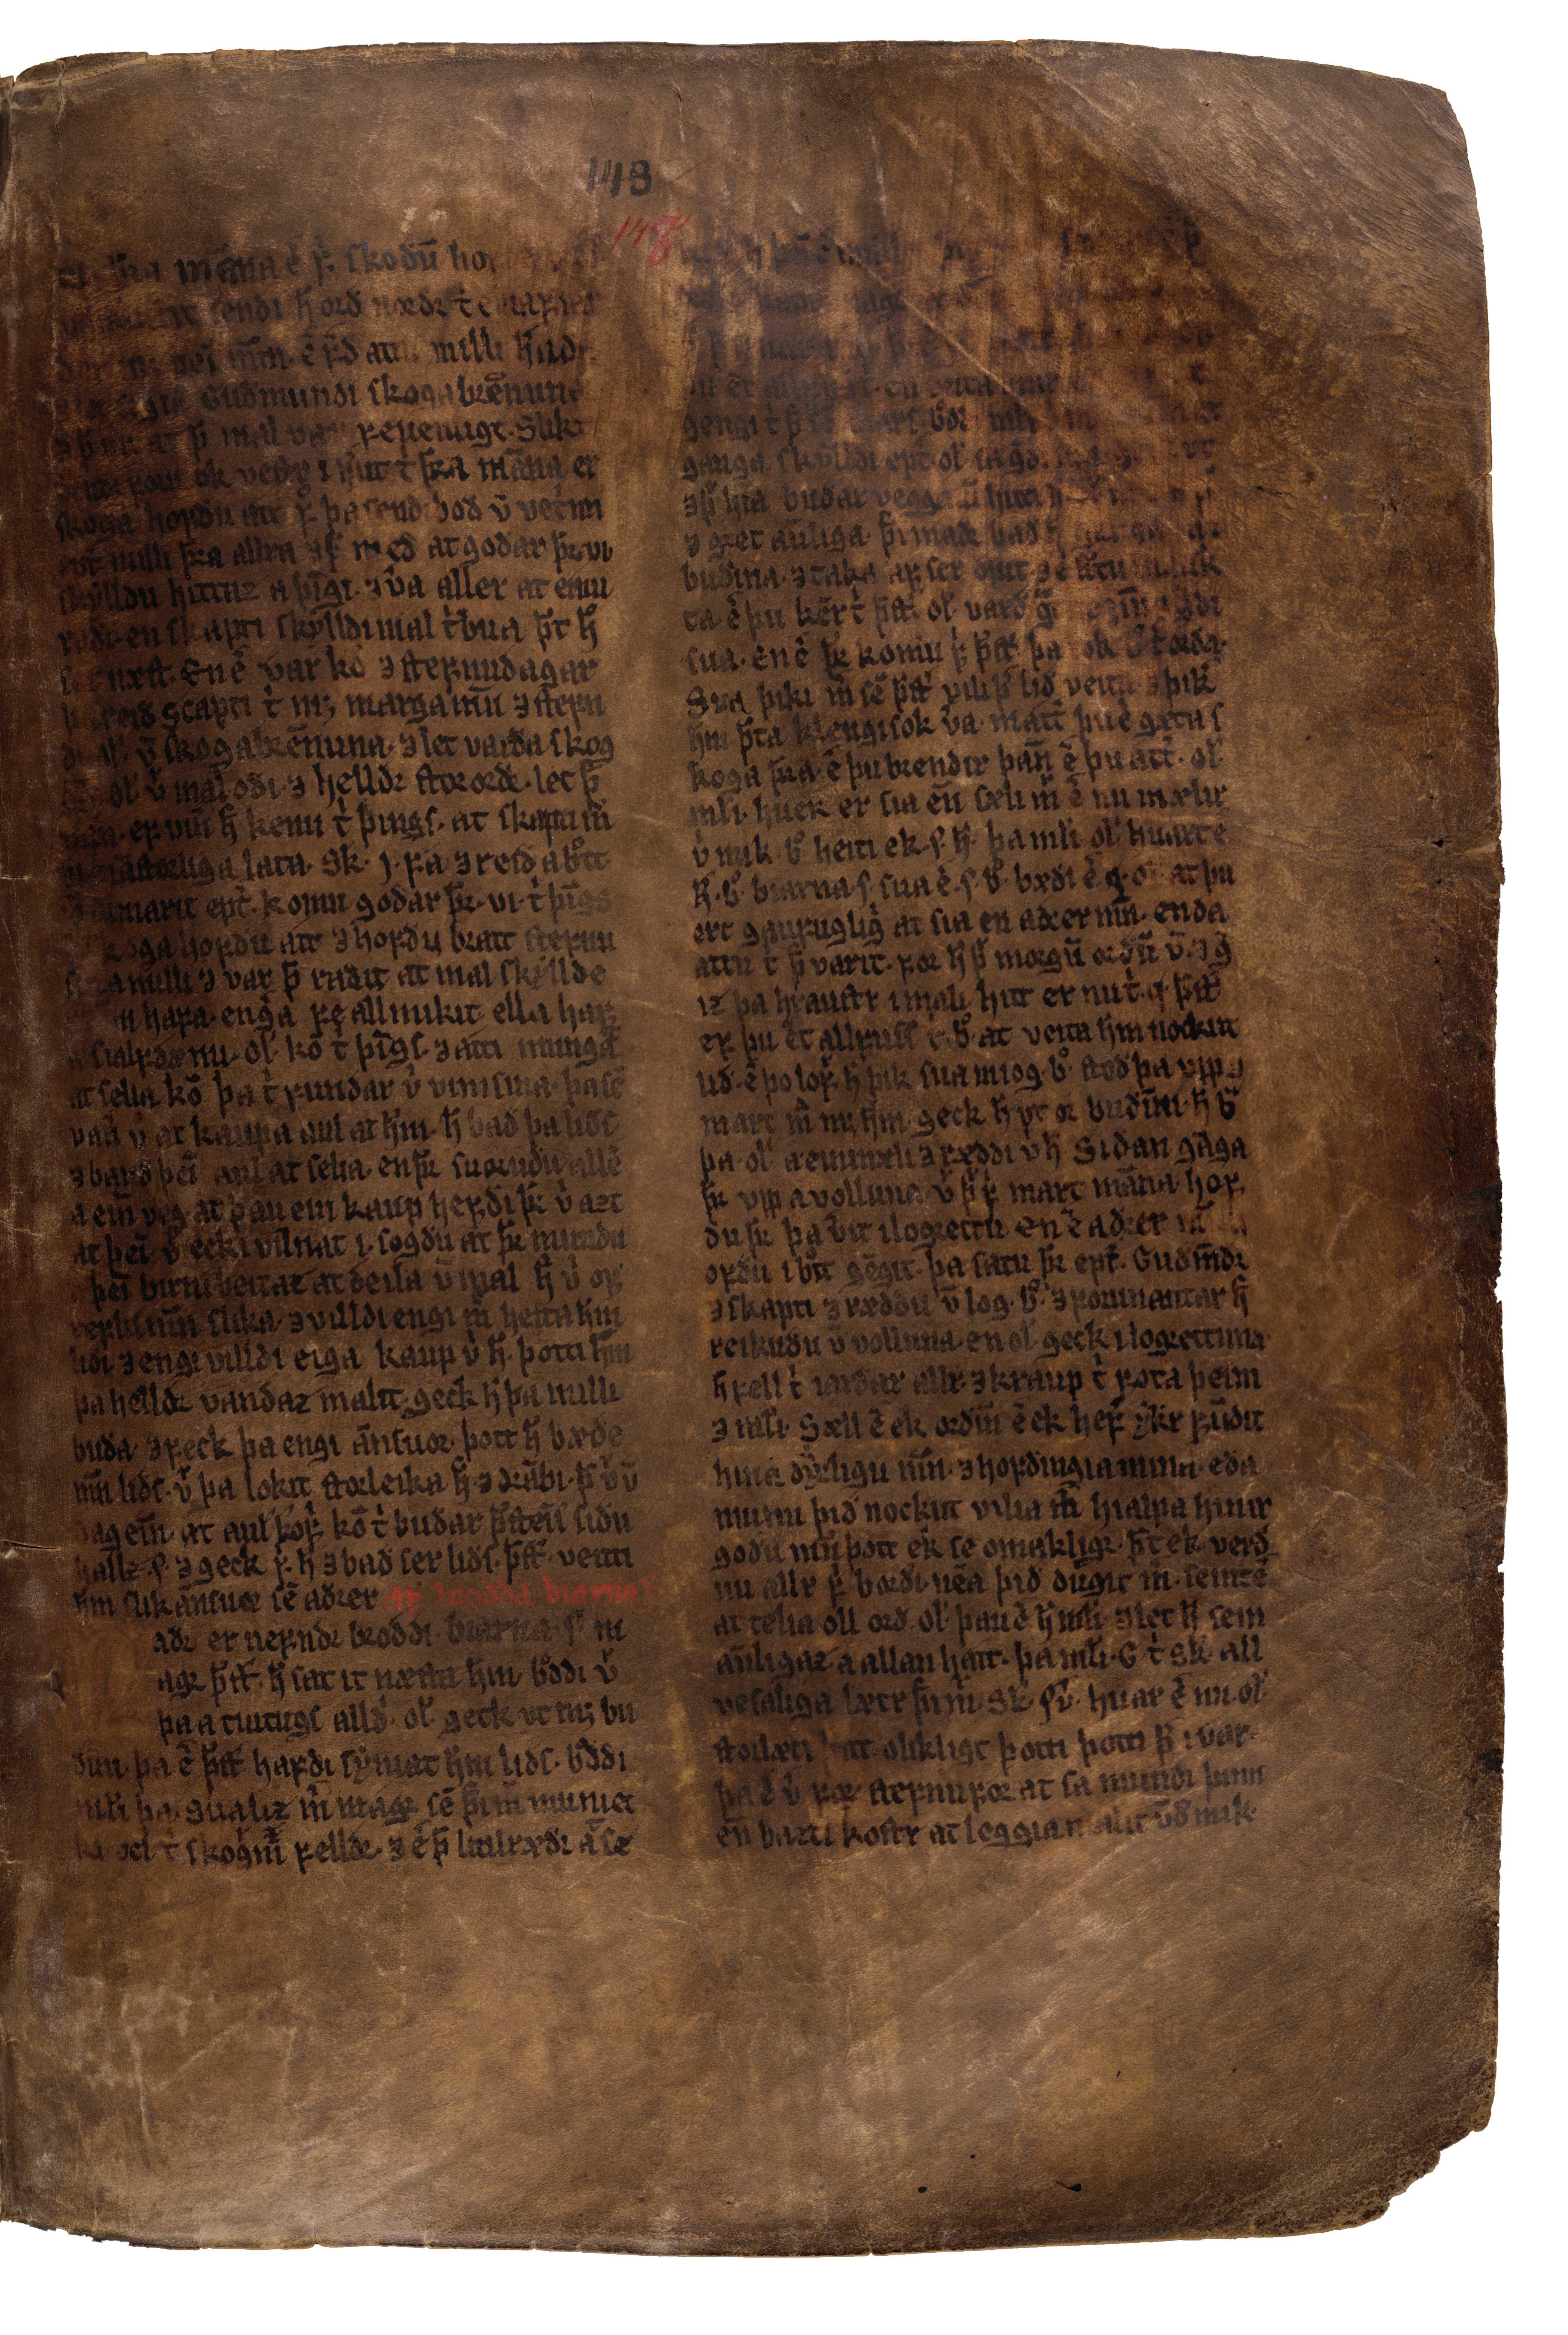 AM 132 fol - 148r